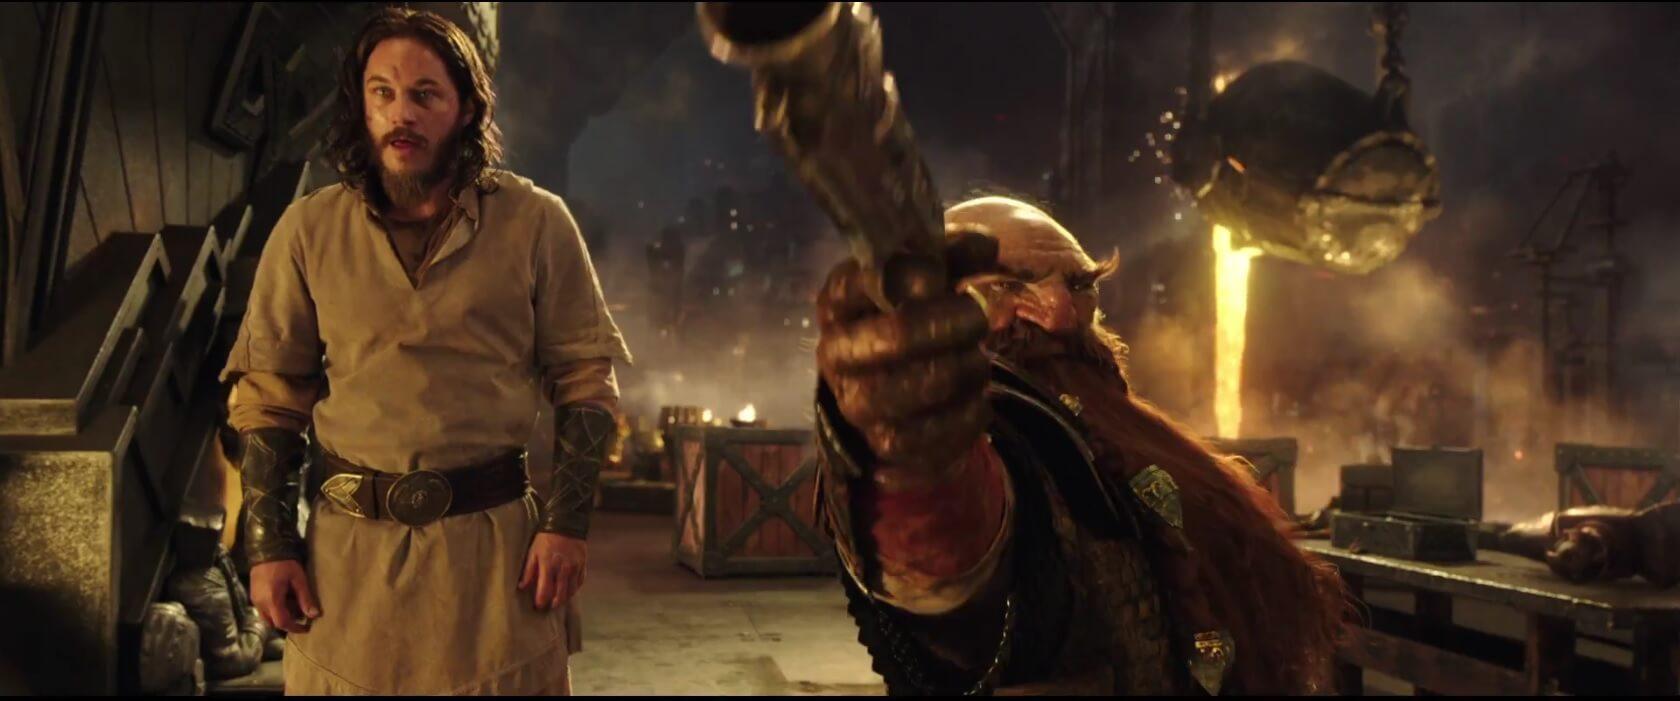 Warcraft: The Beginning – WoW-Film überall ein Hit, außer in den USA